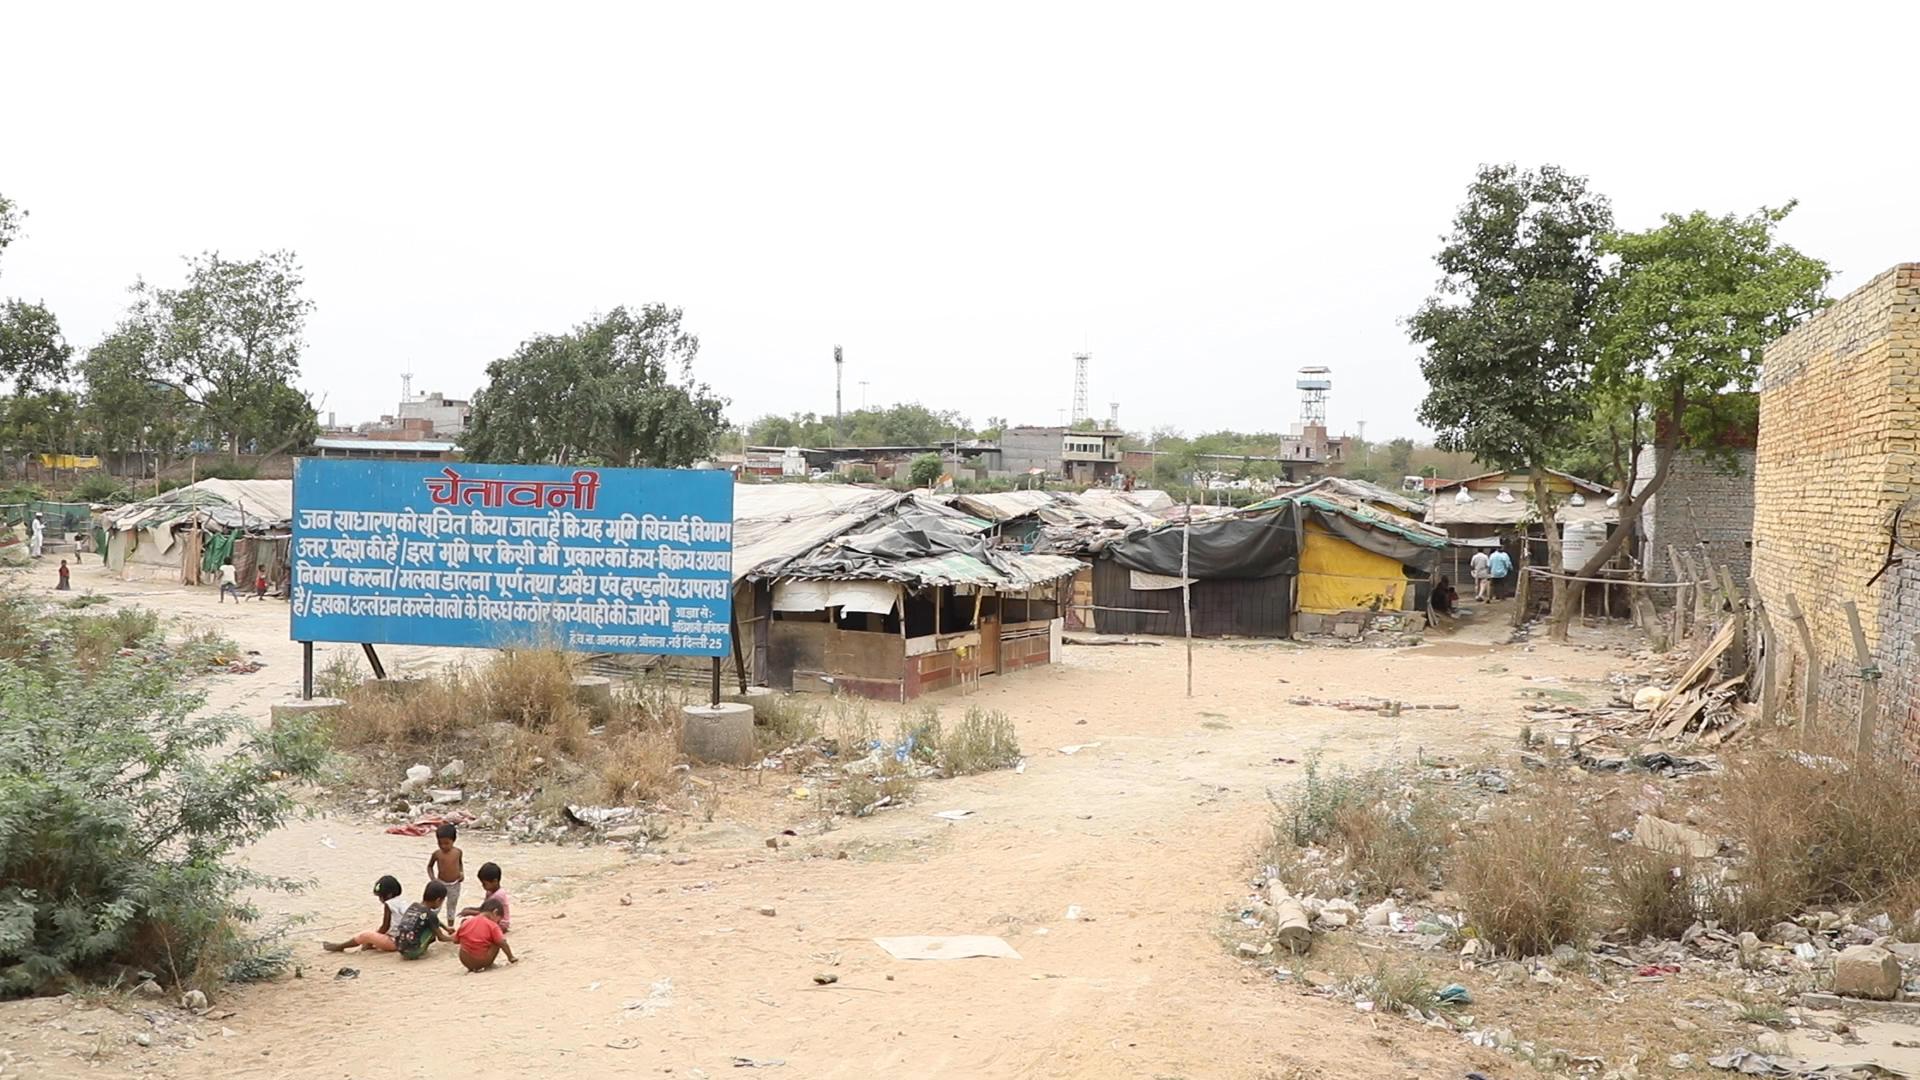 योगी के मंत्री बोले-रोहिंग्या मुसलमानों को संरक्षण दे रही है दिल्ली सरकार, आम आदमी पार्टी का जवाब- उन्हें शरण देना सरकार की जिम्मेदारी|लखनऊ,Lucknow - Dainik Bhaskar